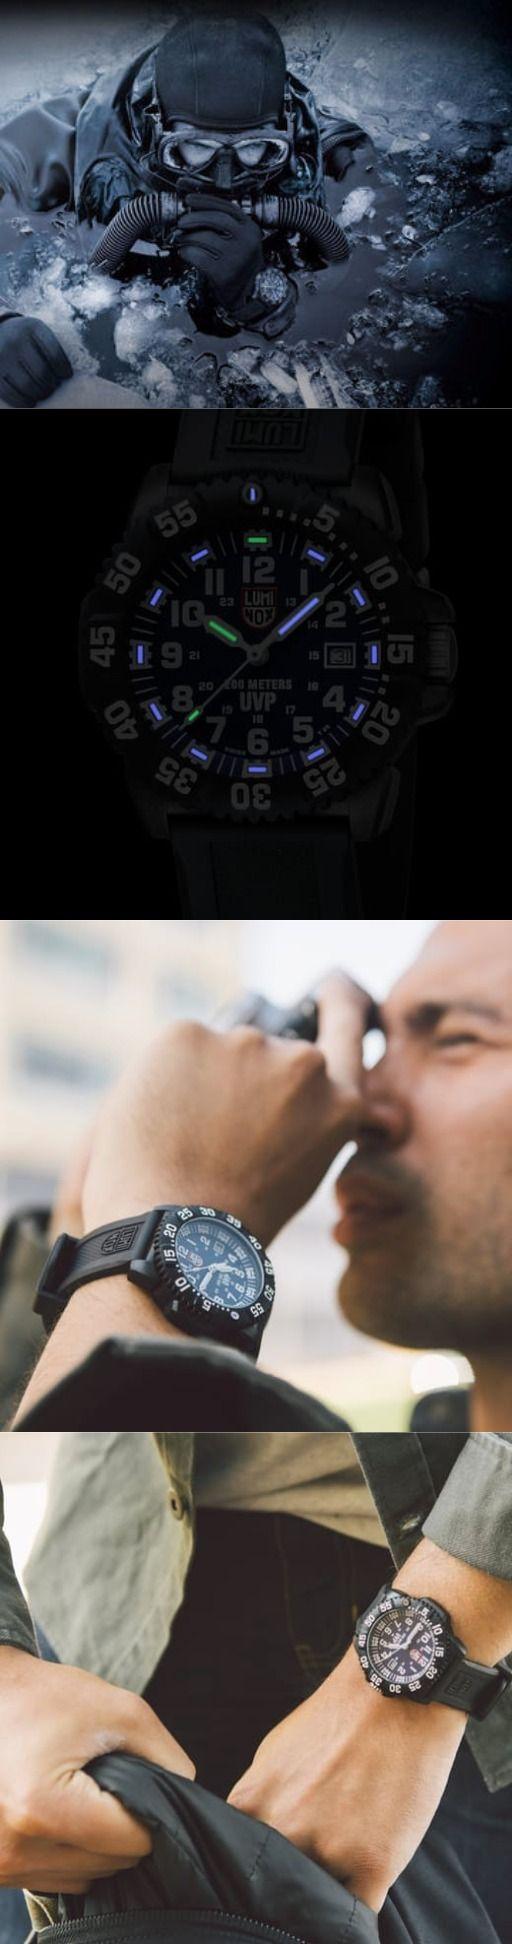 Luminox NAVY SEAL COLORMARK Men's Tactical Watch in Navy